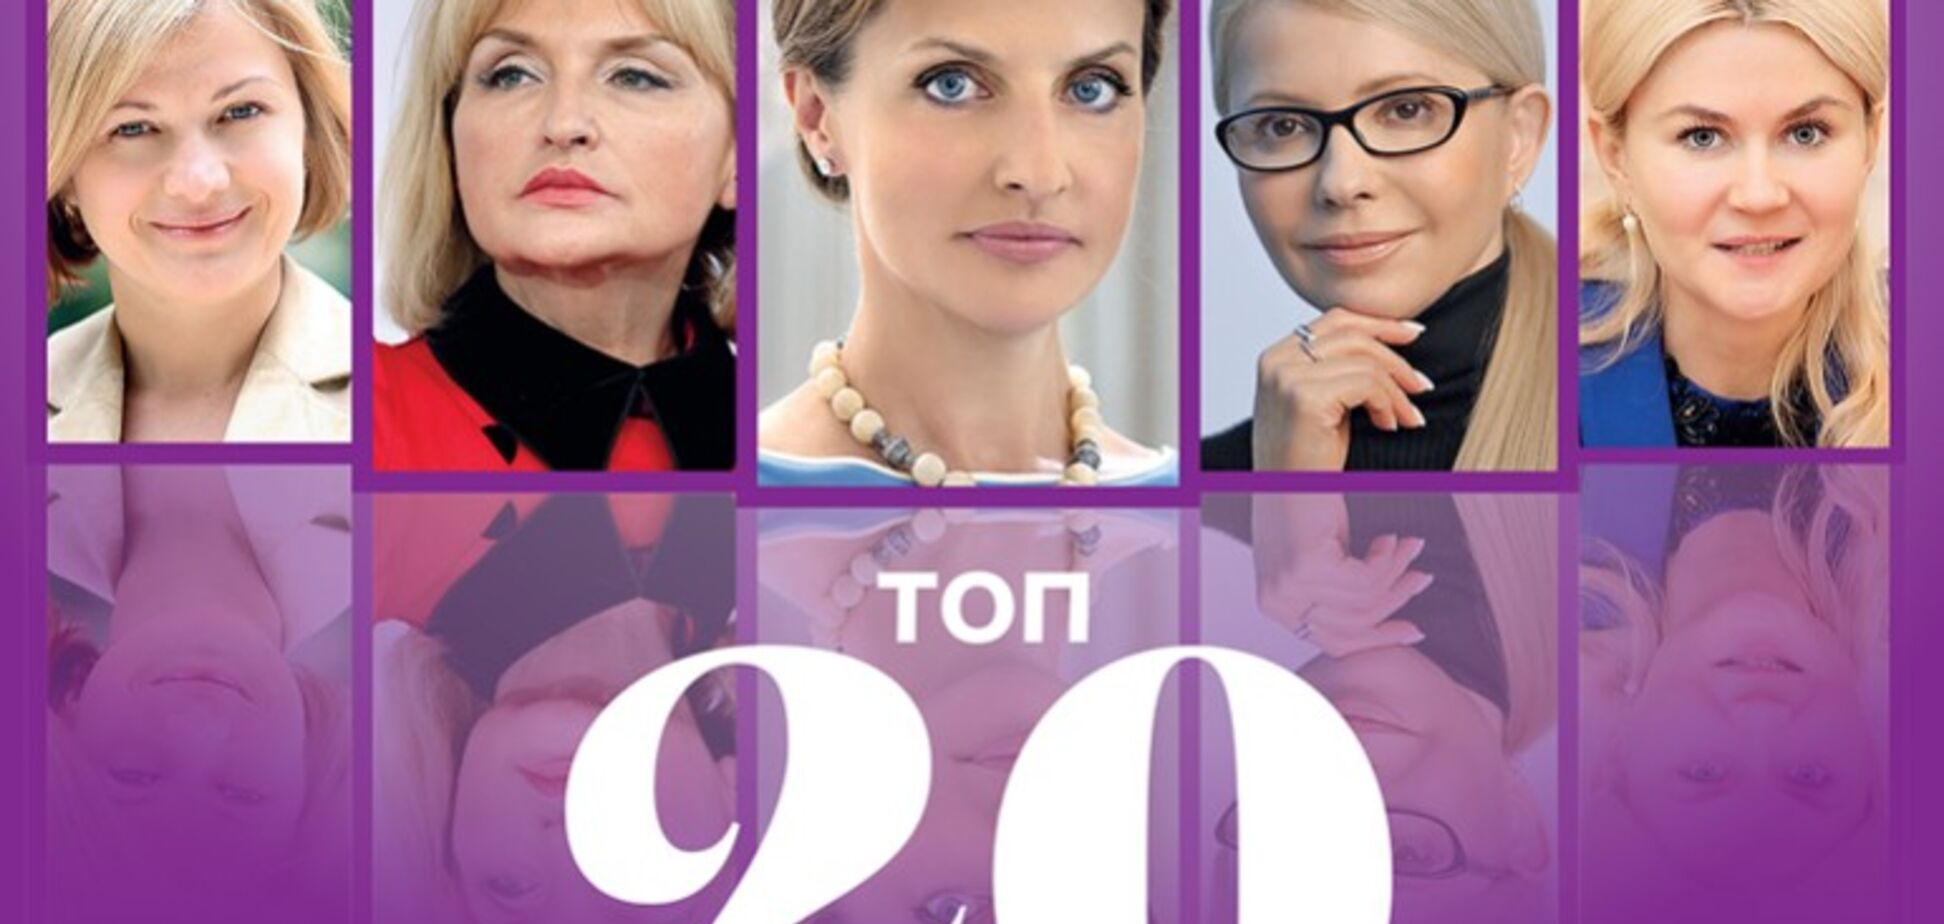 Порошенко, Луценко и Светличная вошли в топ-20 самых влиятельных женщин Украины